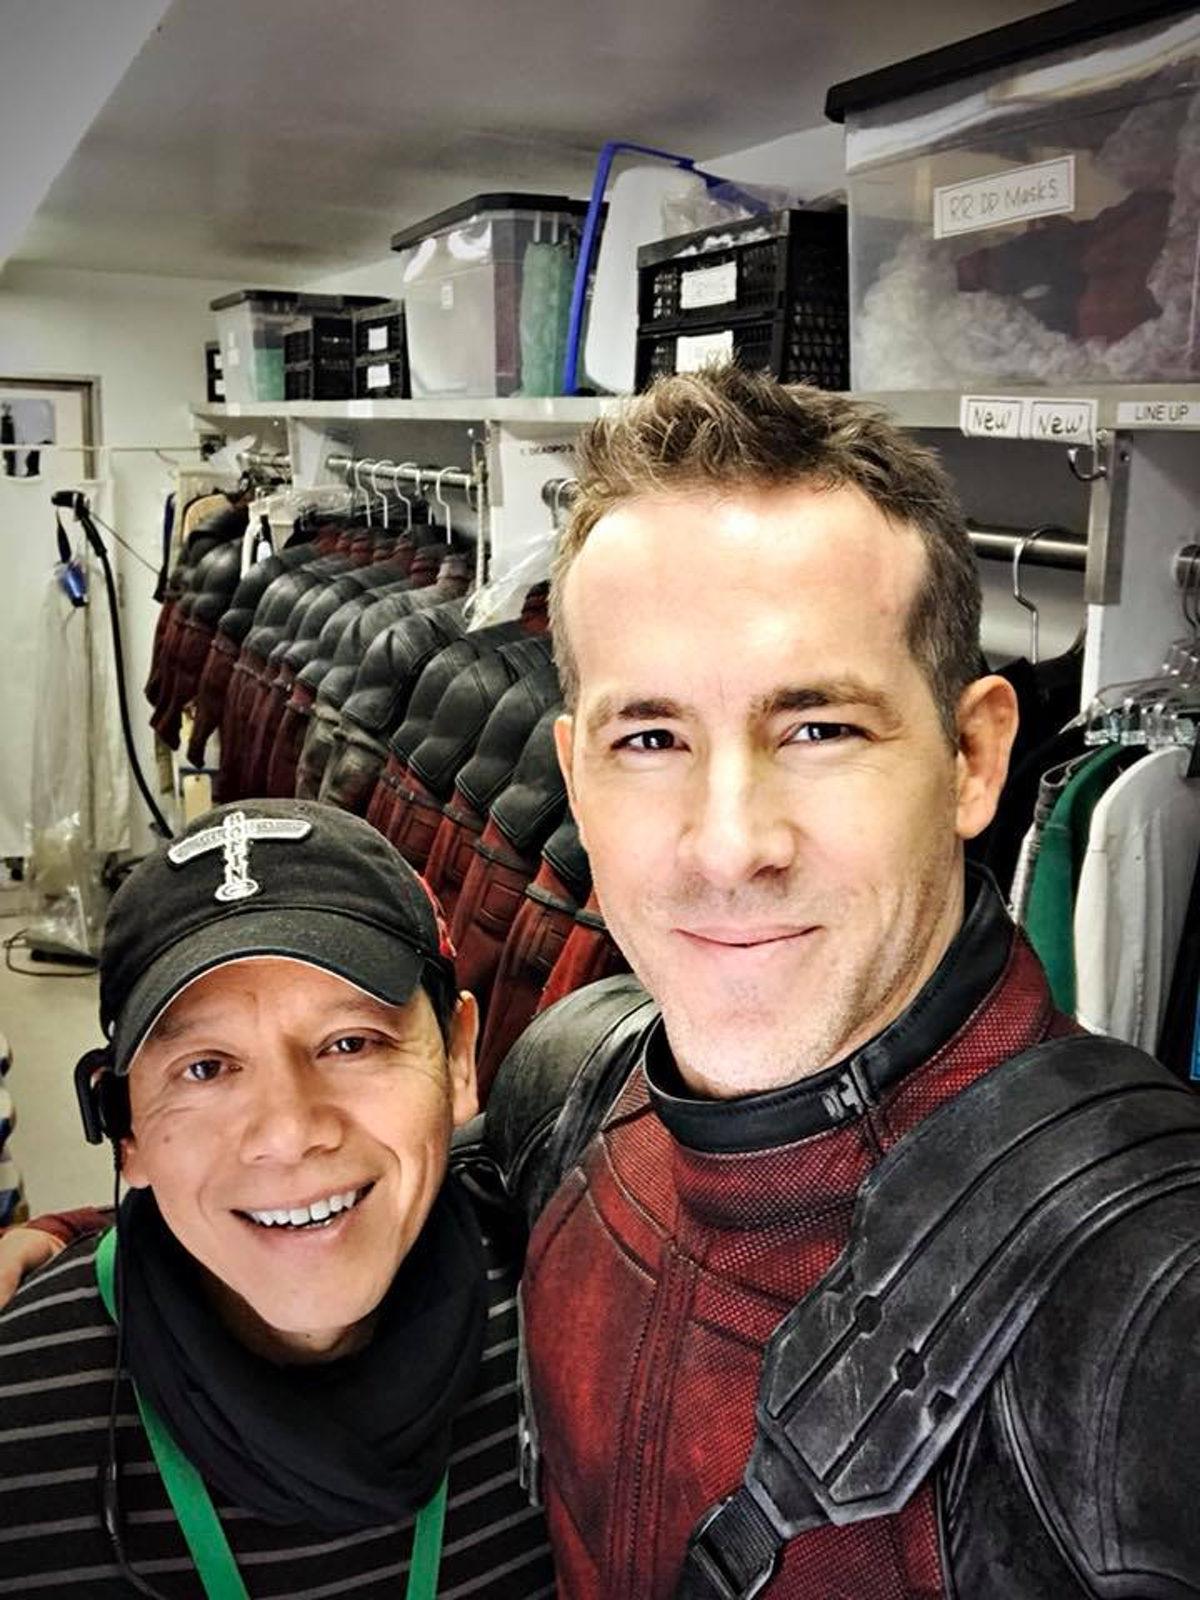 Ryan Reynolds se hace un selfie con los trajes de Deadpool de fondo